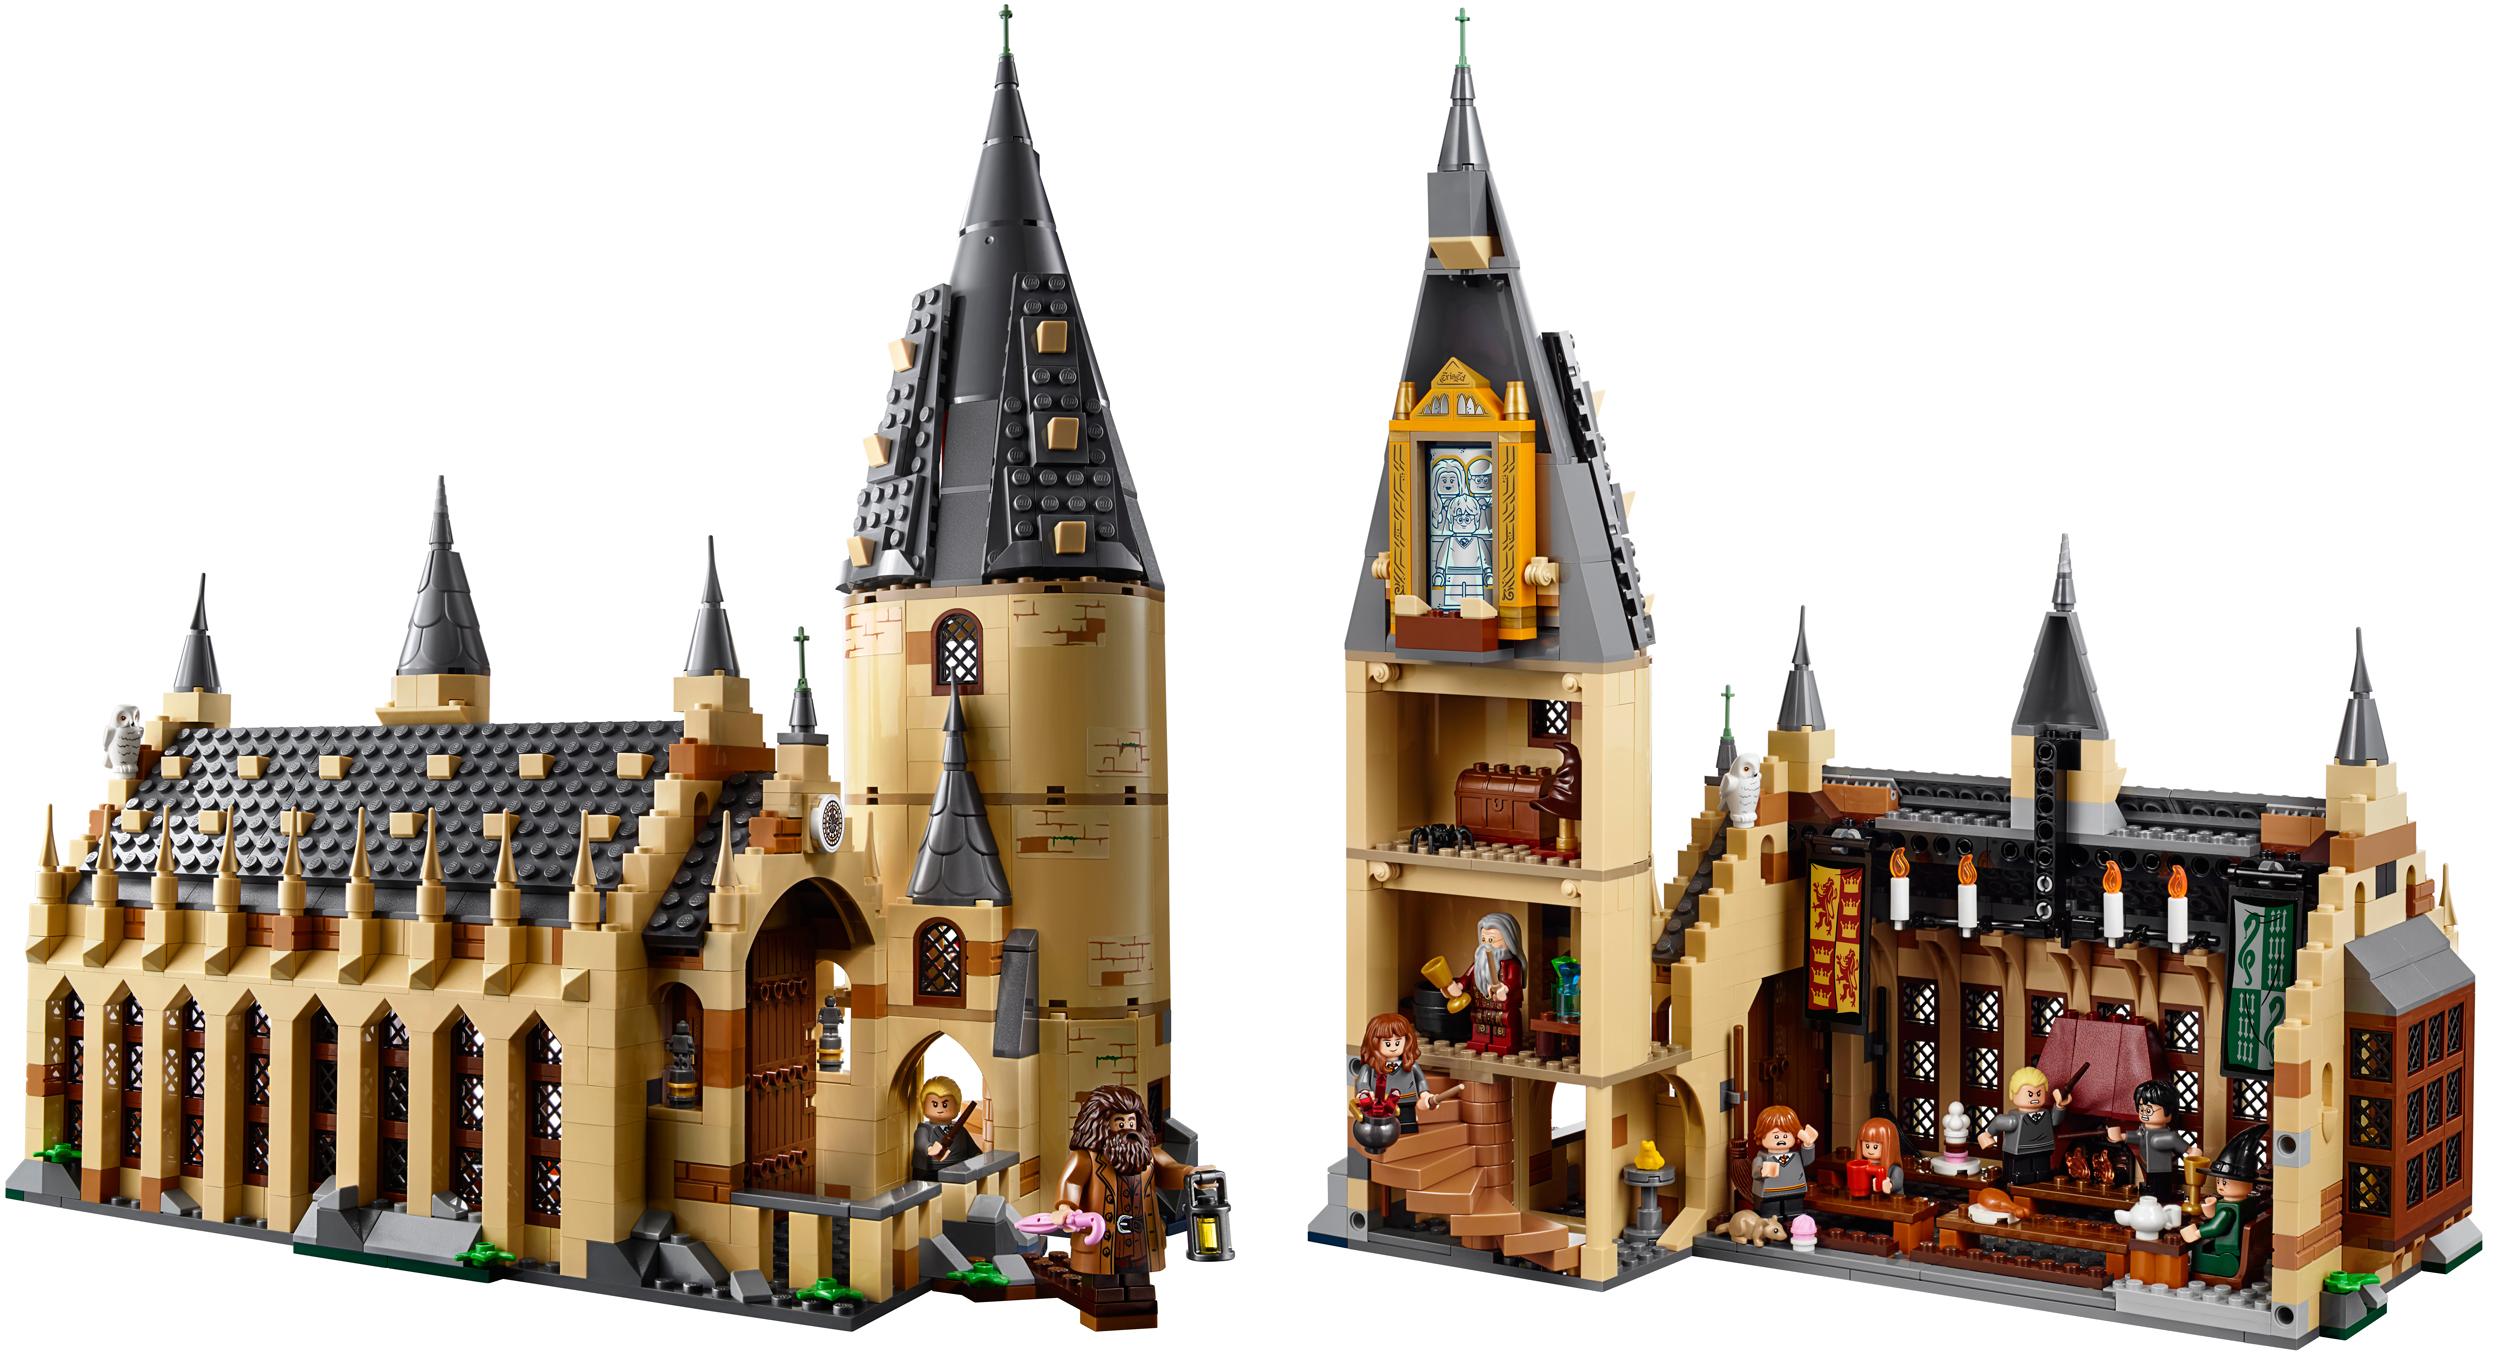 LEGO: Salão Principal de Hogwarts é lançado em linha de produtos Harry Potter